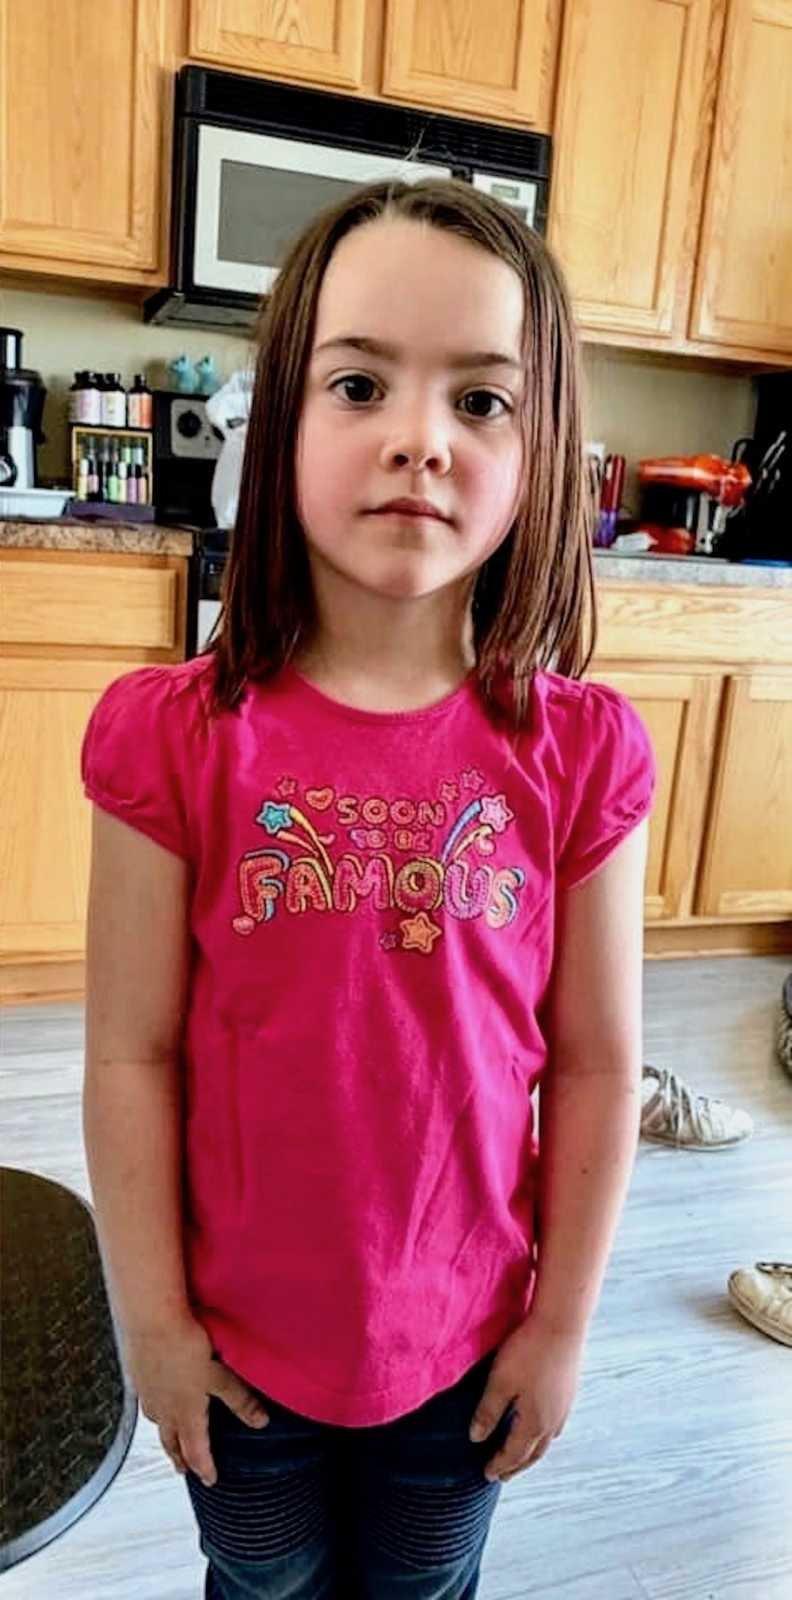 Le t-shirt que la jeune fille a été obligée de porter. l Source: Emily Stewart